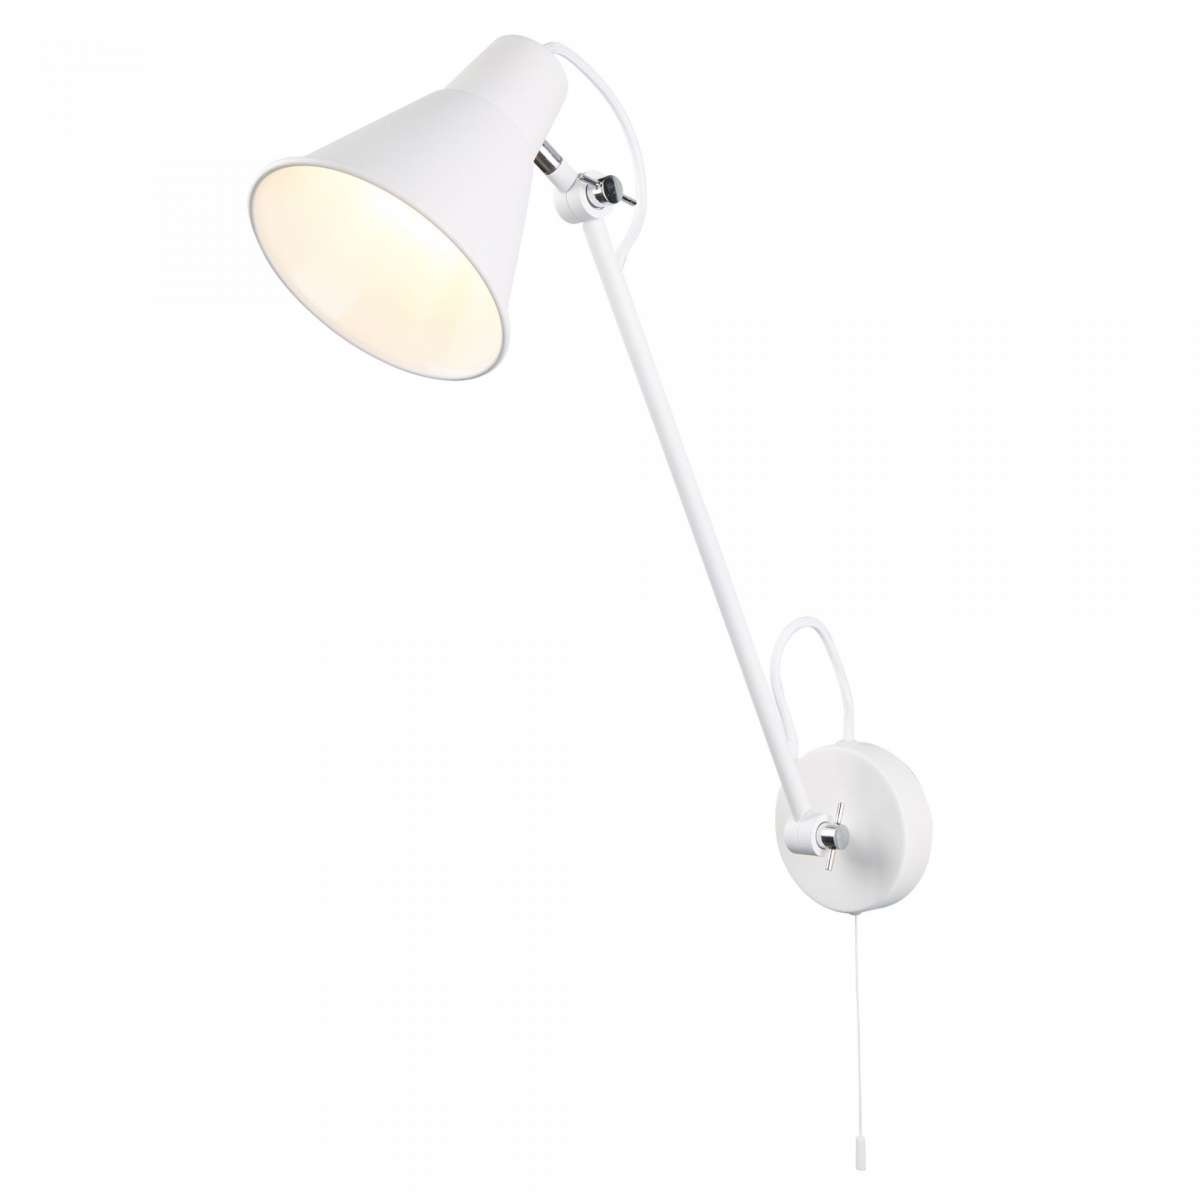 1 Light Adjustable Wall Bracket, Matt White, Chrome